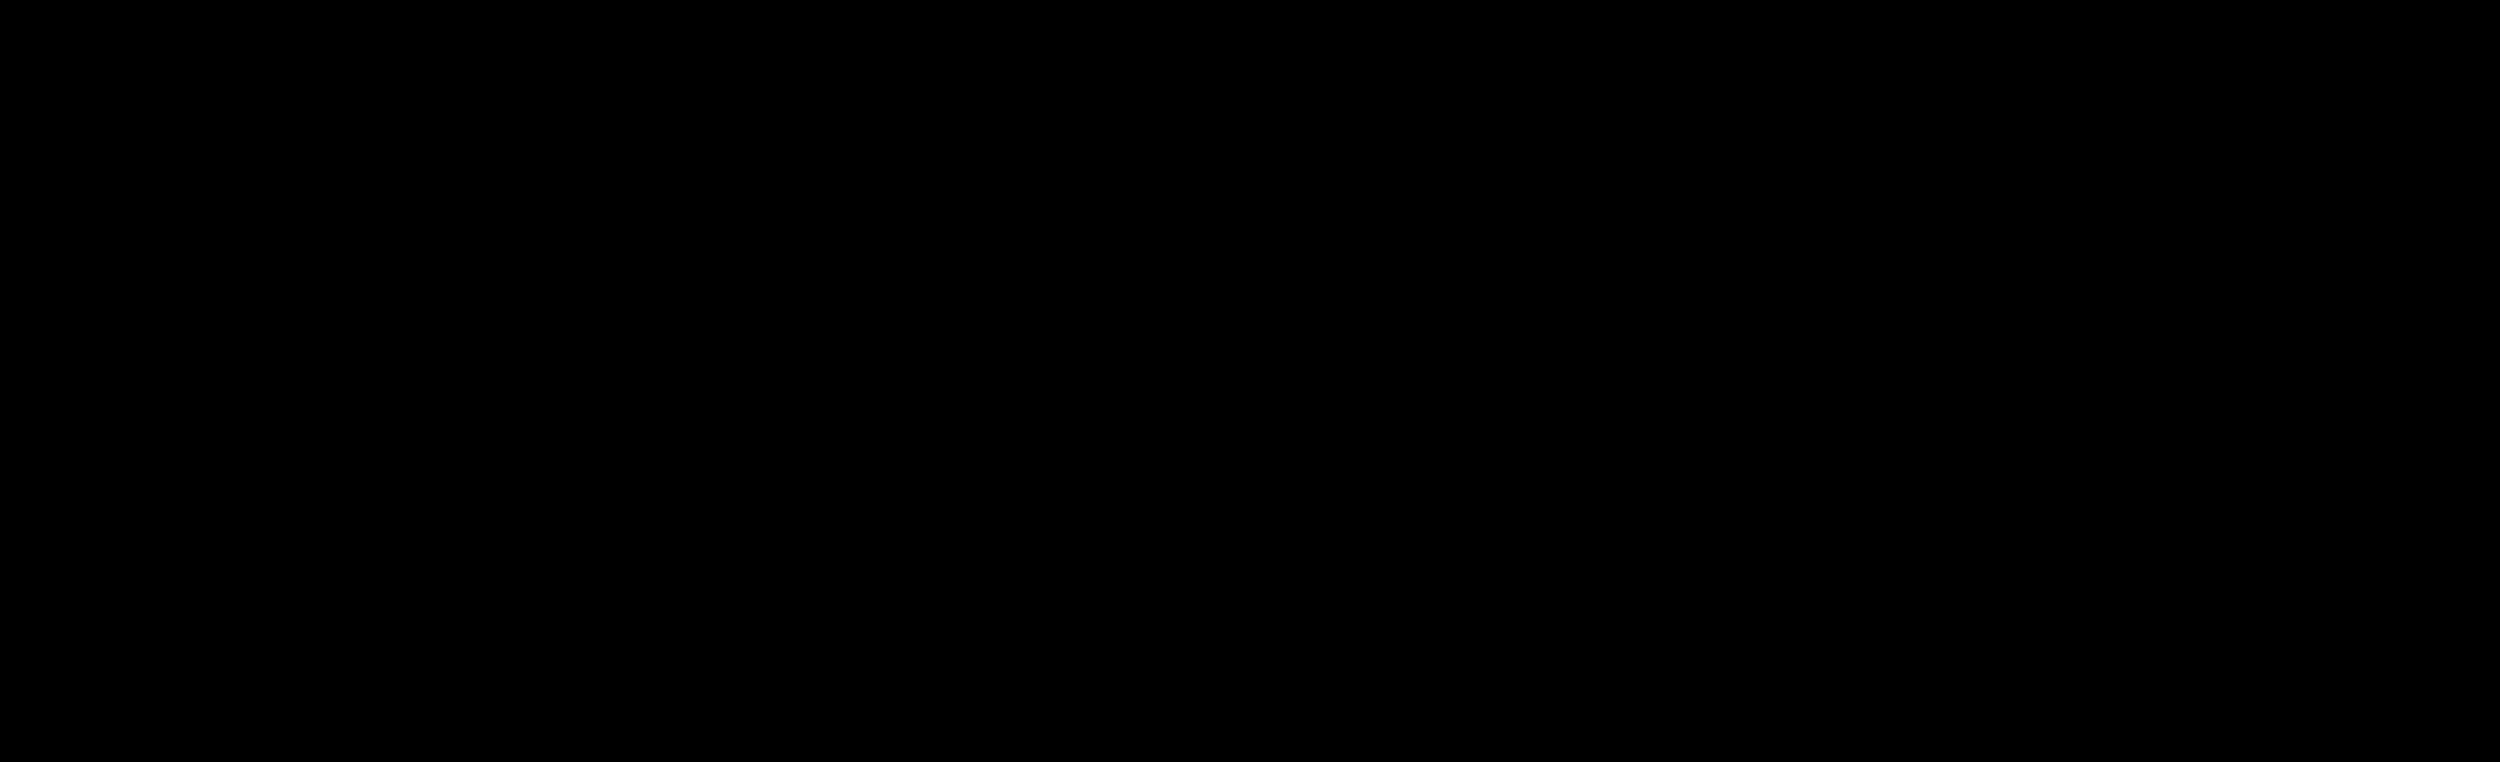 """- """"Als führende Agentur im Bereich des Experience Marketings und der Eventdienstleistungen durften wir von MCH Global schon mehrfach auf die Kompetenz, den Ideenreichtum und eine einwandfreie Umsetzung von Sandro Zinggeler zählen und unsere anspruchsvollen Kunden damit begeistern."""""""